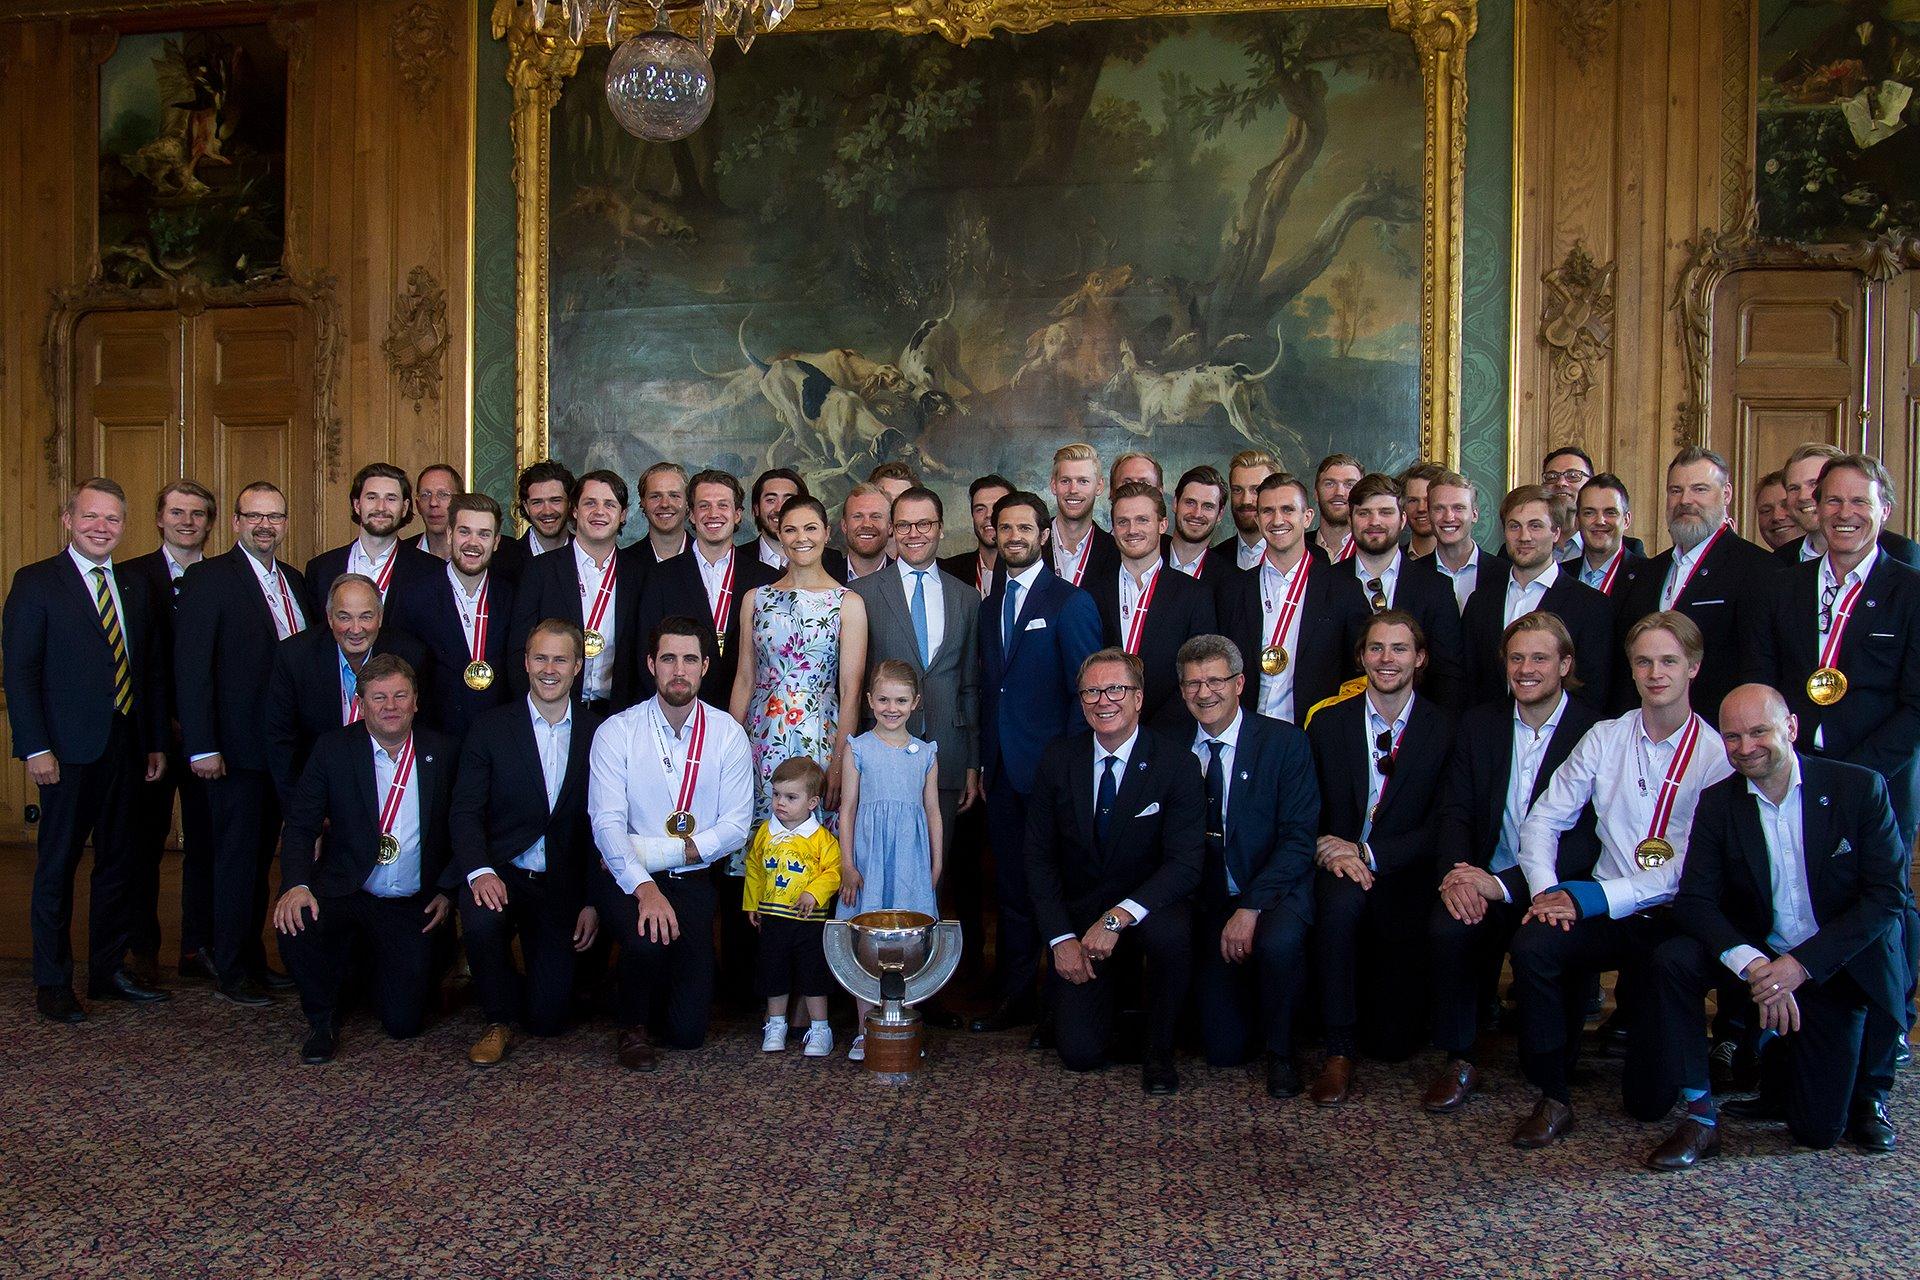 Im Königspalast wurde der schwedischen Nationalmannschaft zu ihrem großartigem Erfolg gratuliert.  Henrik Garlöv/Kungahuset.se